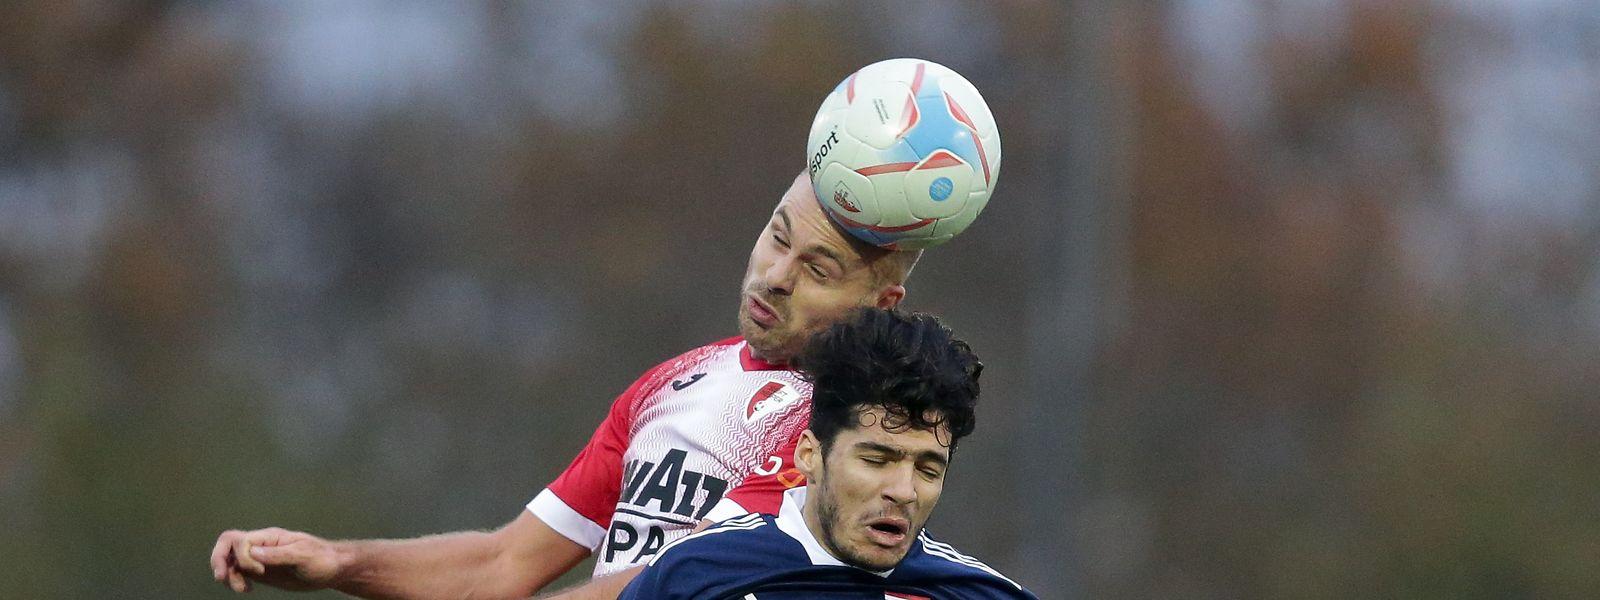 Hesperingen um Mickaël Garos führte bereits mit 2:0 gegen Fola und Diogo Pimentel (r.): Doch es reichte nicht zum Sieg.